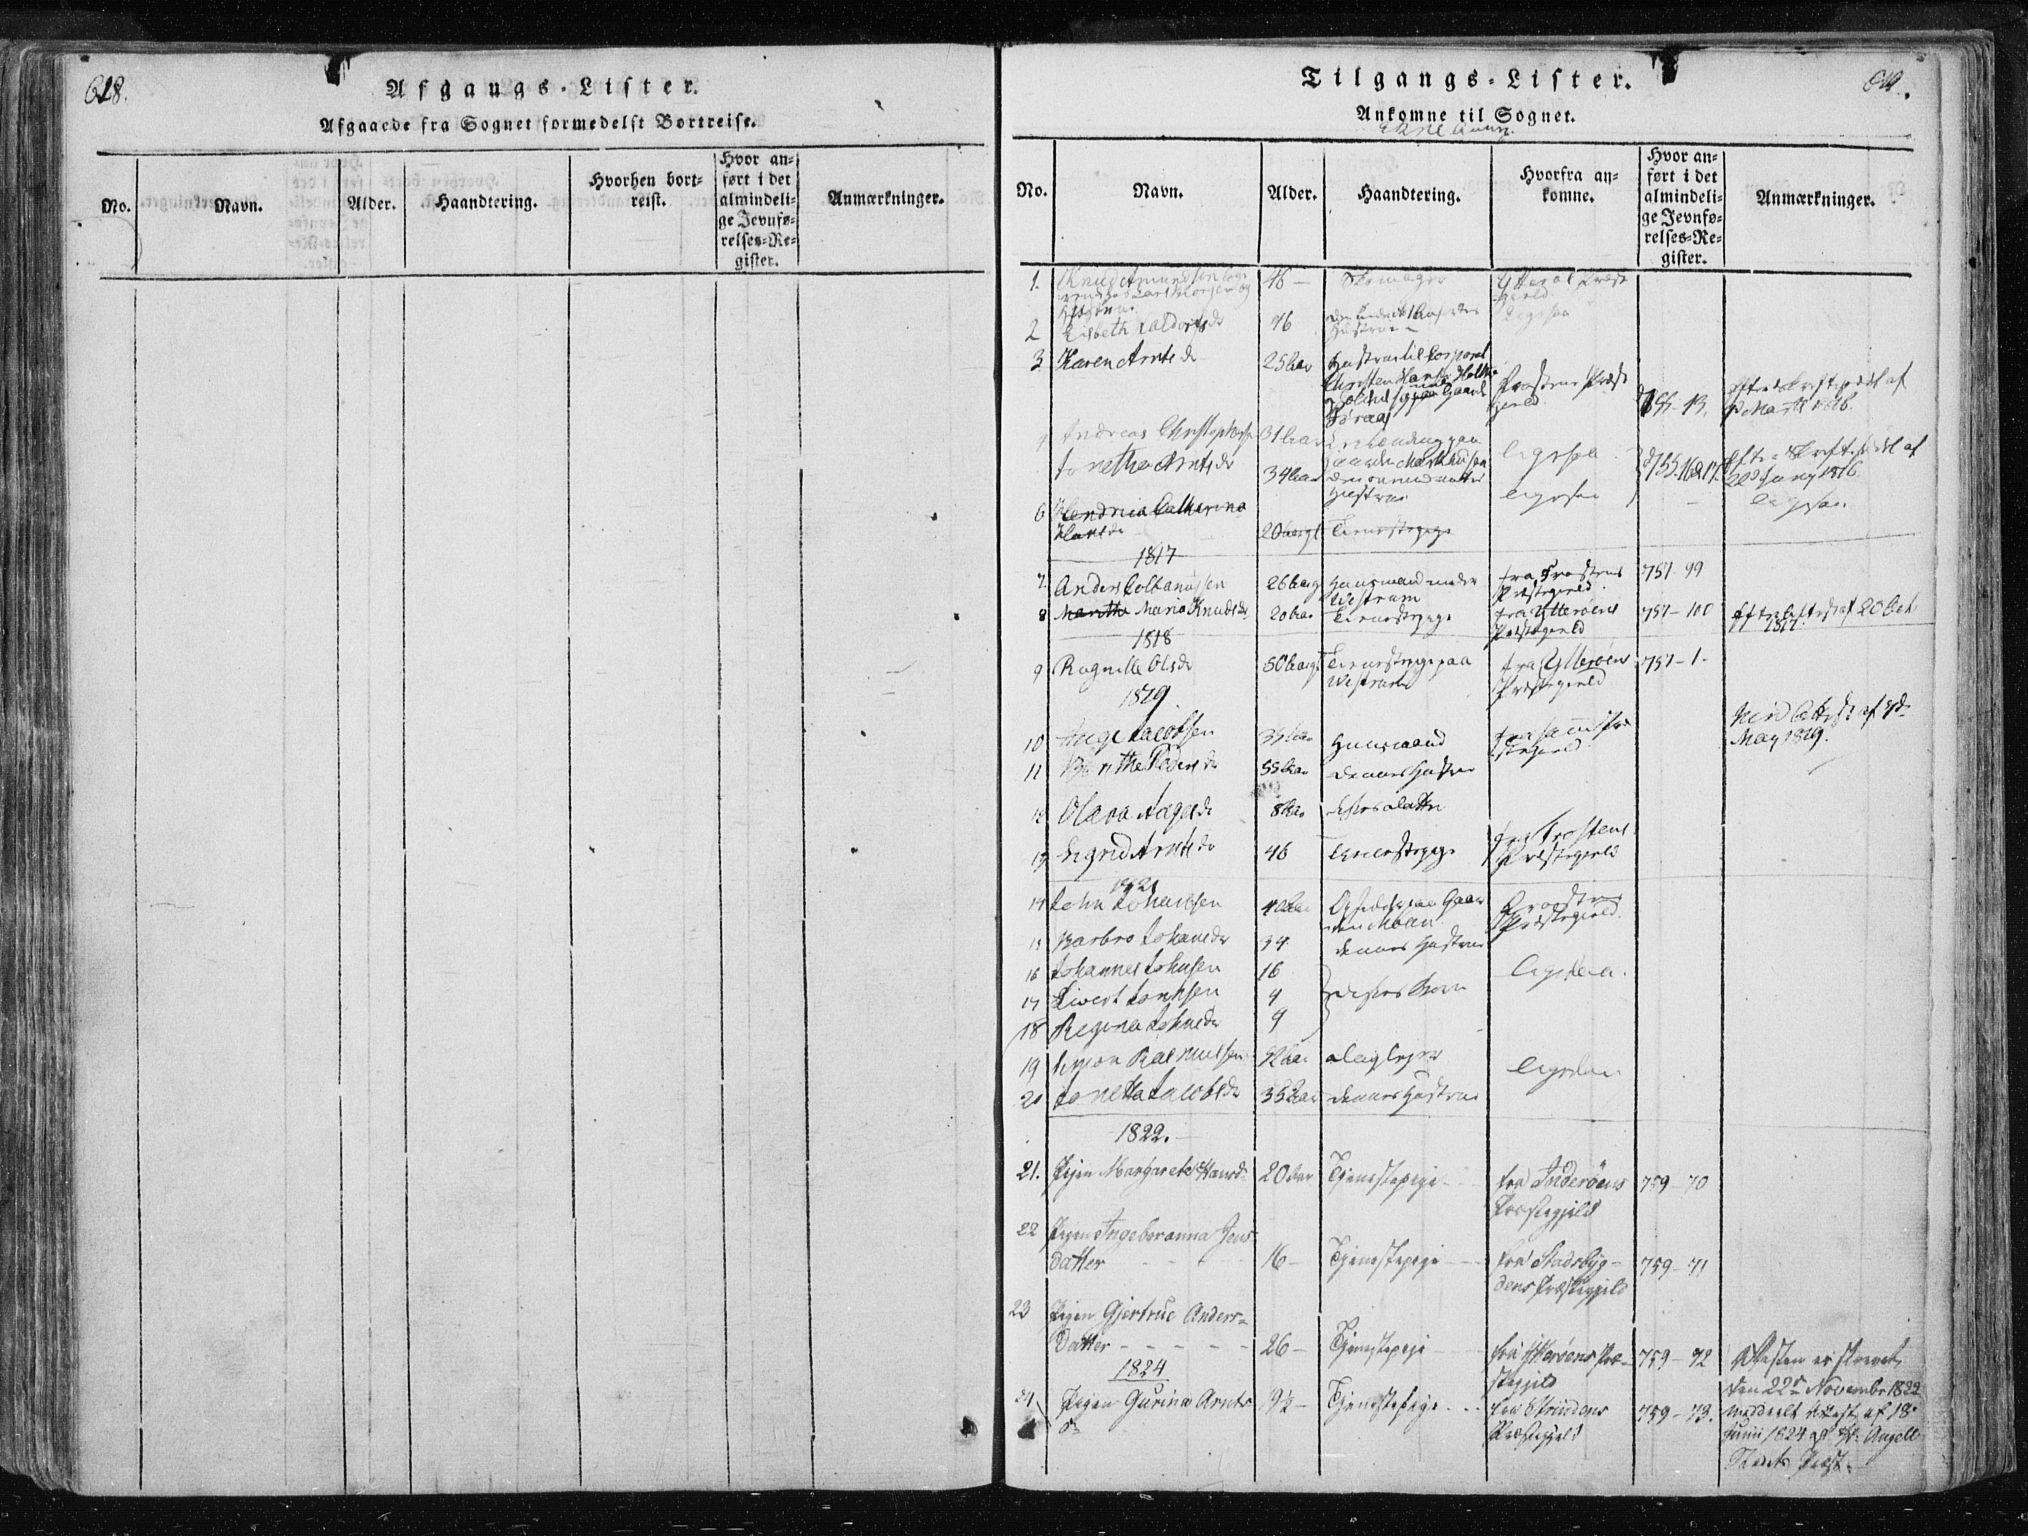 SAT, Ministerialprotokoller, klokkerbøker og fødselsregistre - Nord-Trøndelag, 717/L0148: Ministerialbok nr. 717A04 /3, 1816-1825, s. 618-619